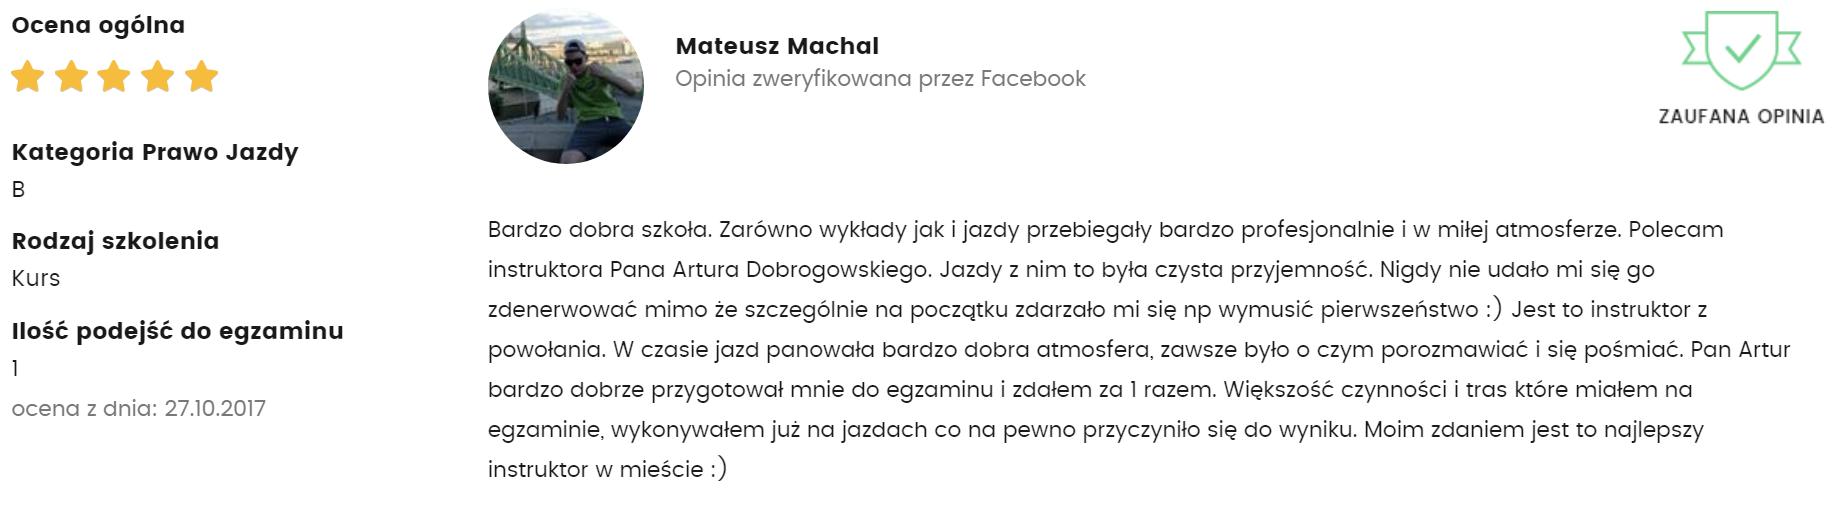 mateusz machal